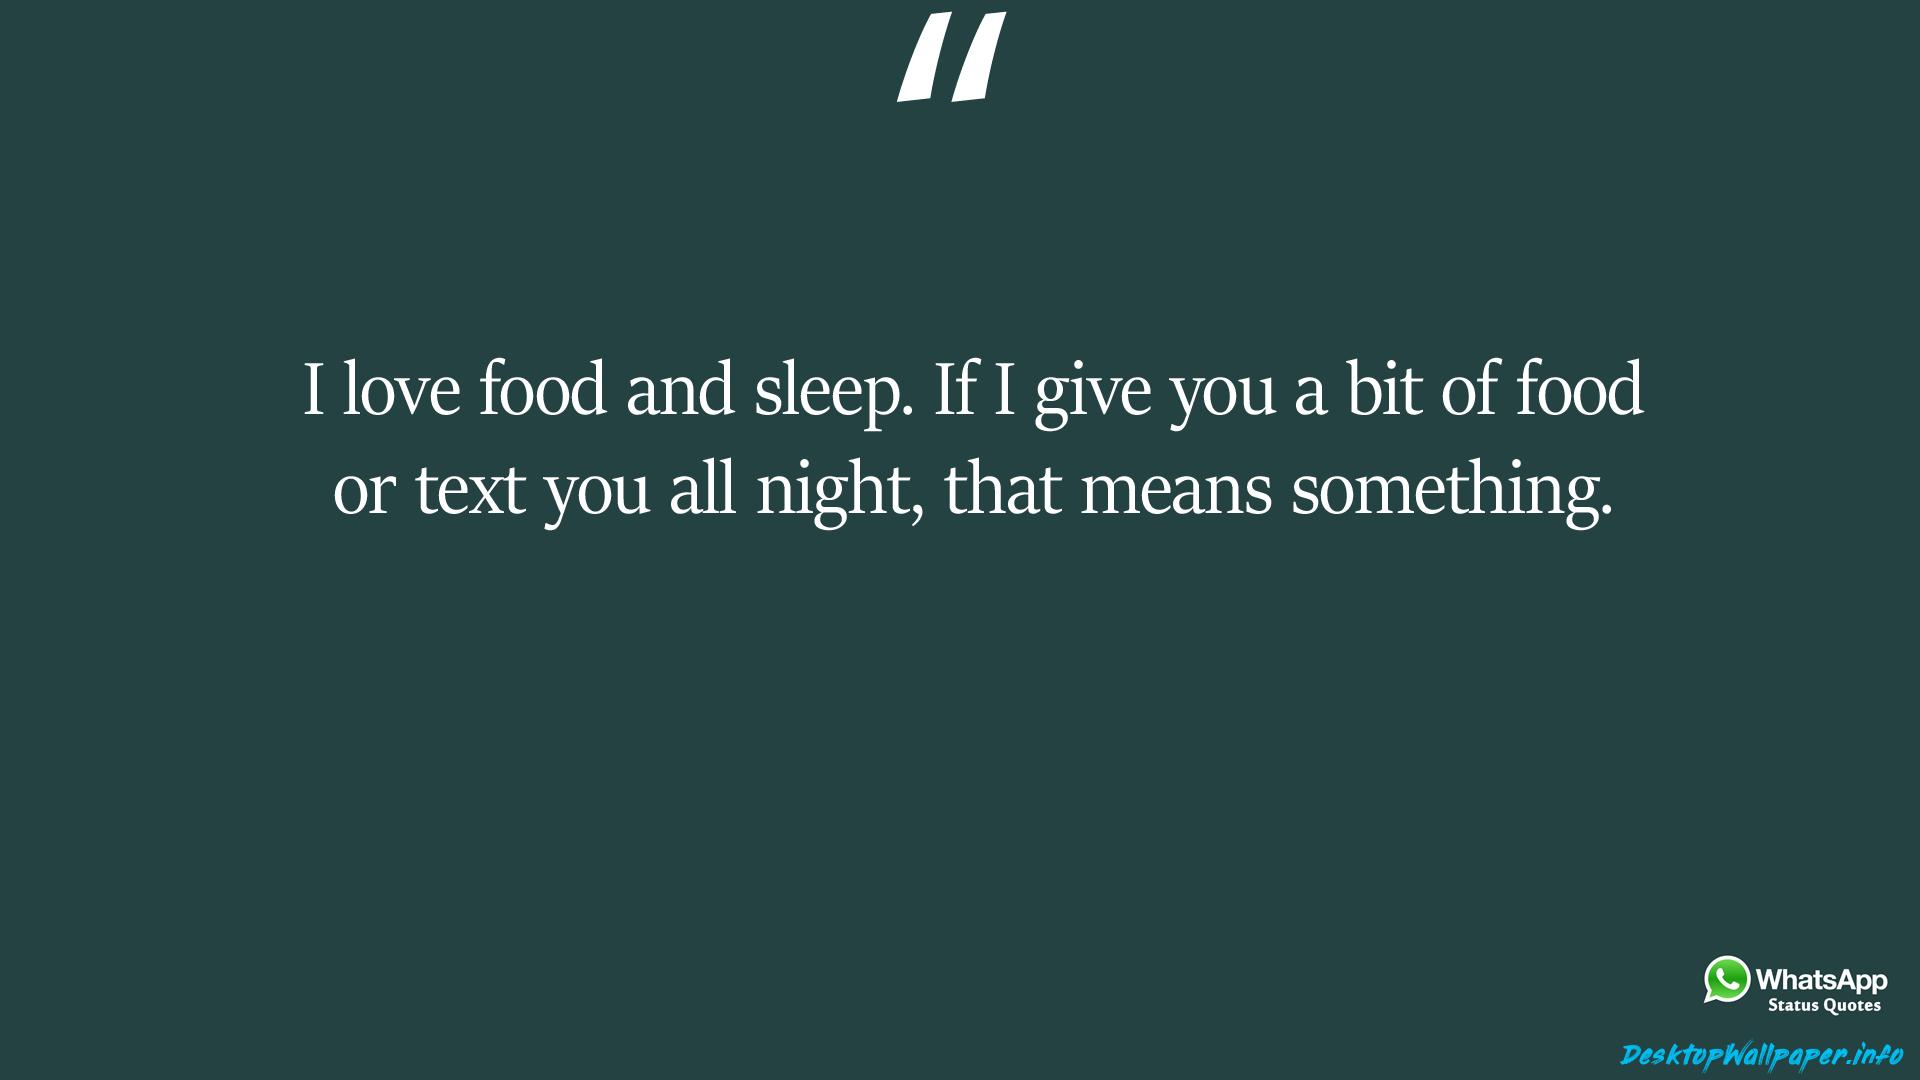 I love food and sleep If I give you a bit